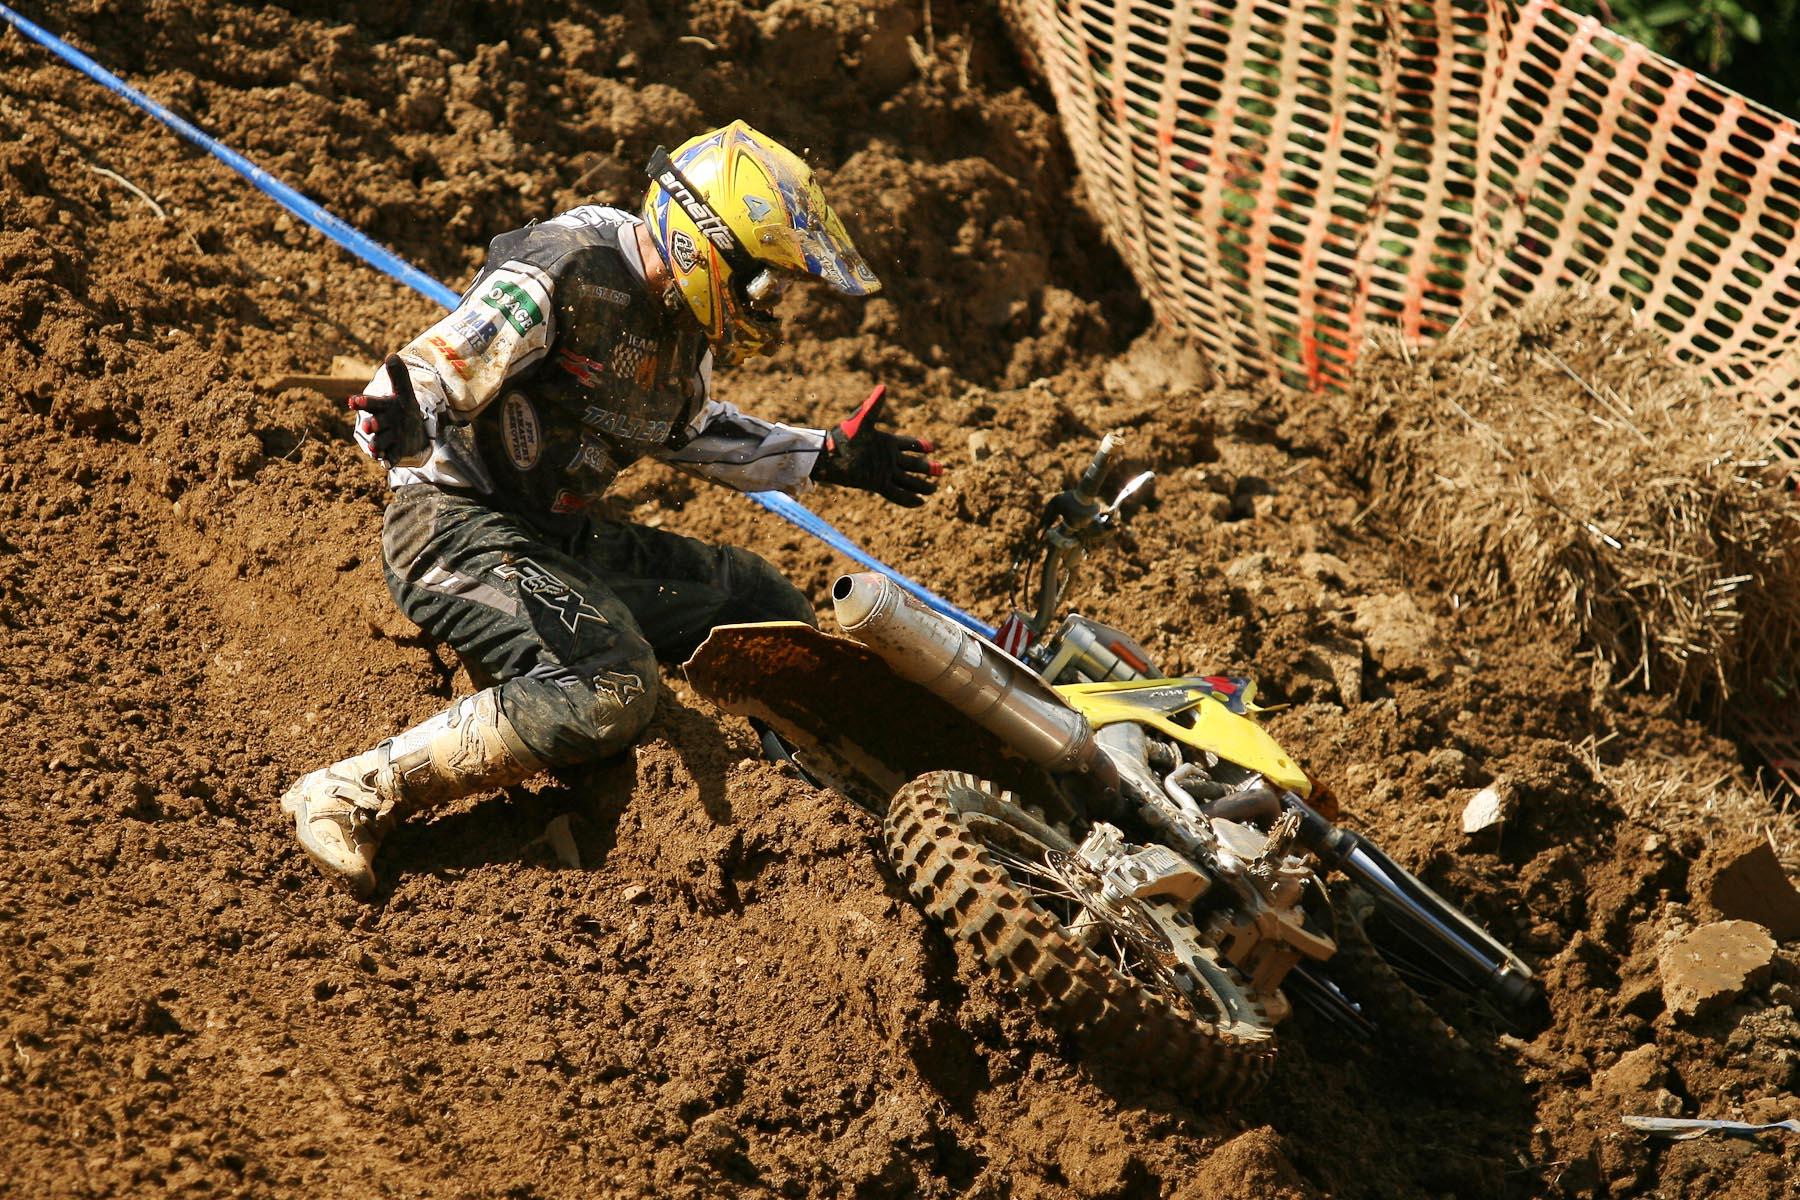 motocrossSLO-photoLukaDakskobler-15